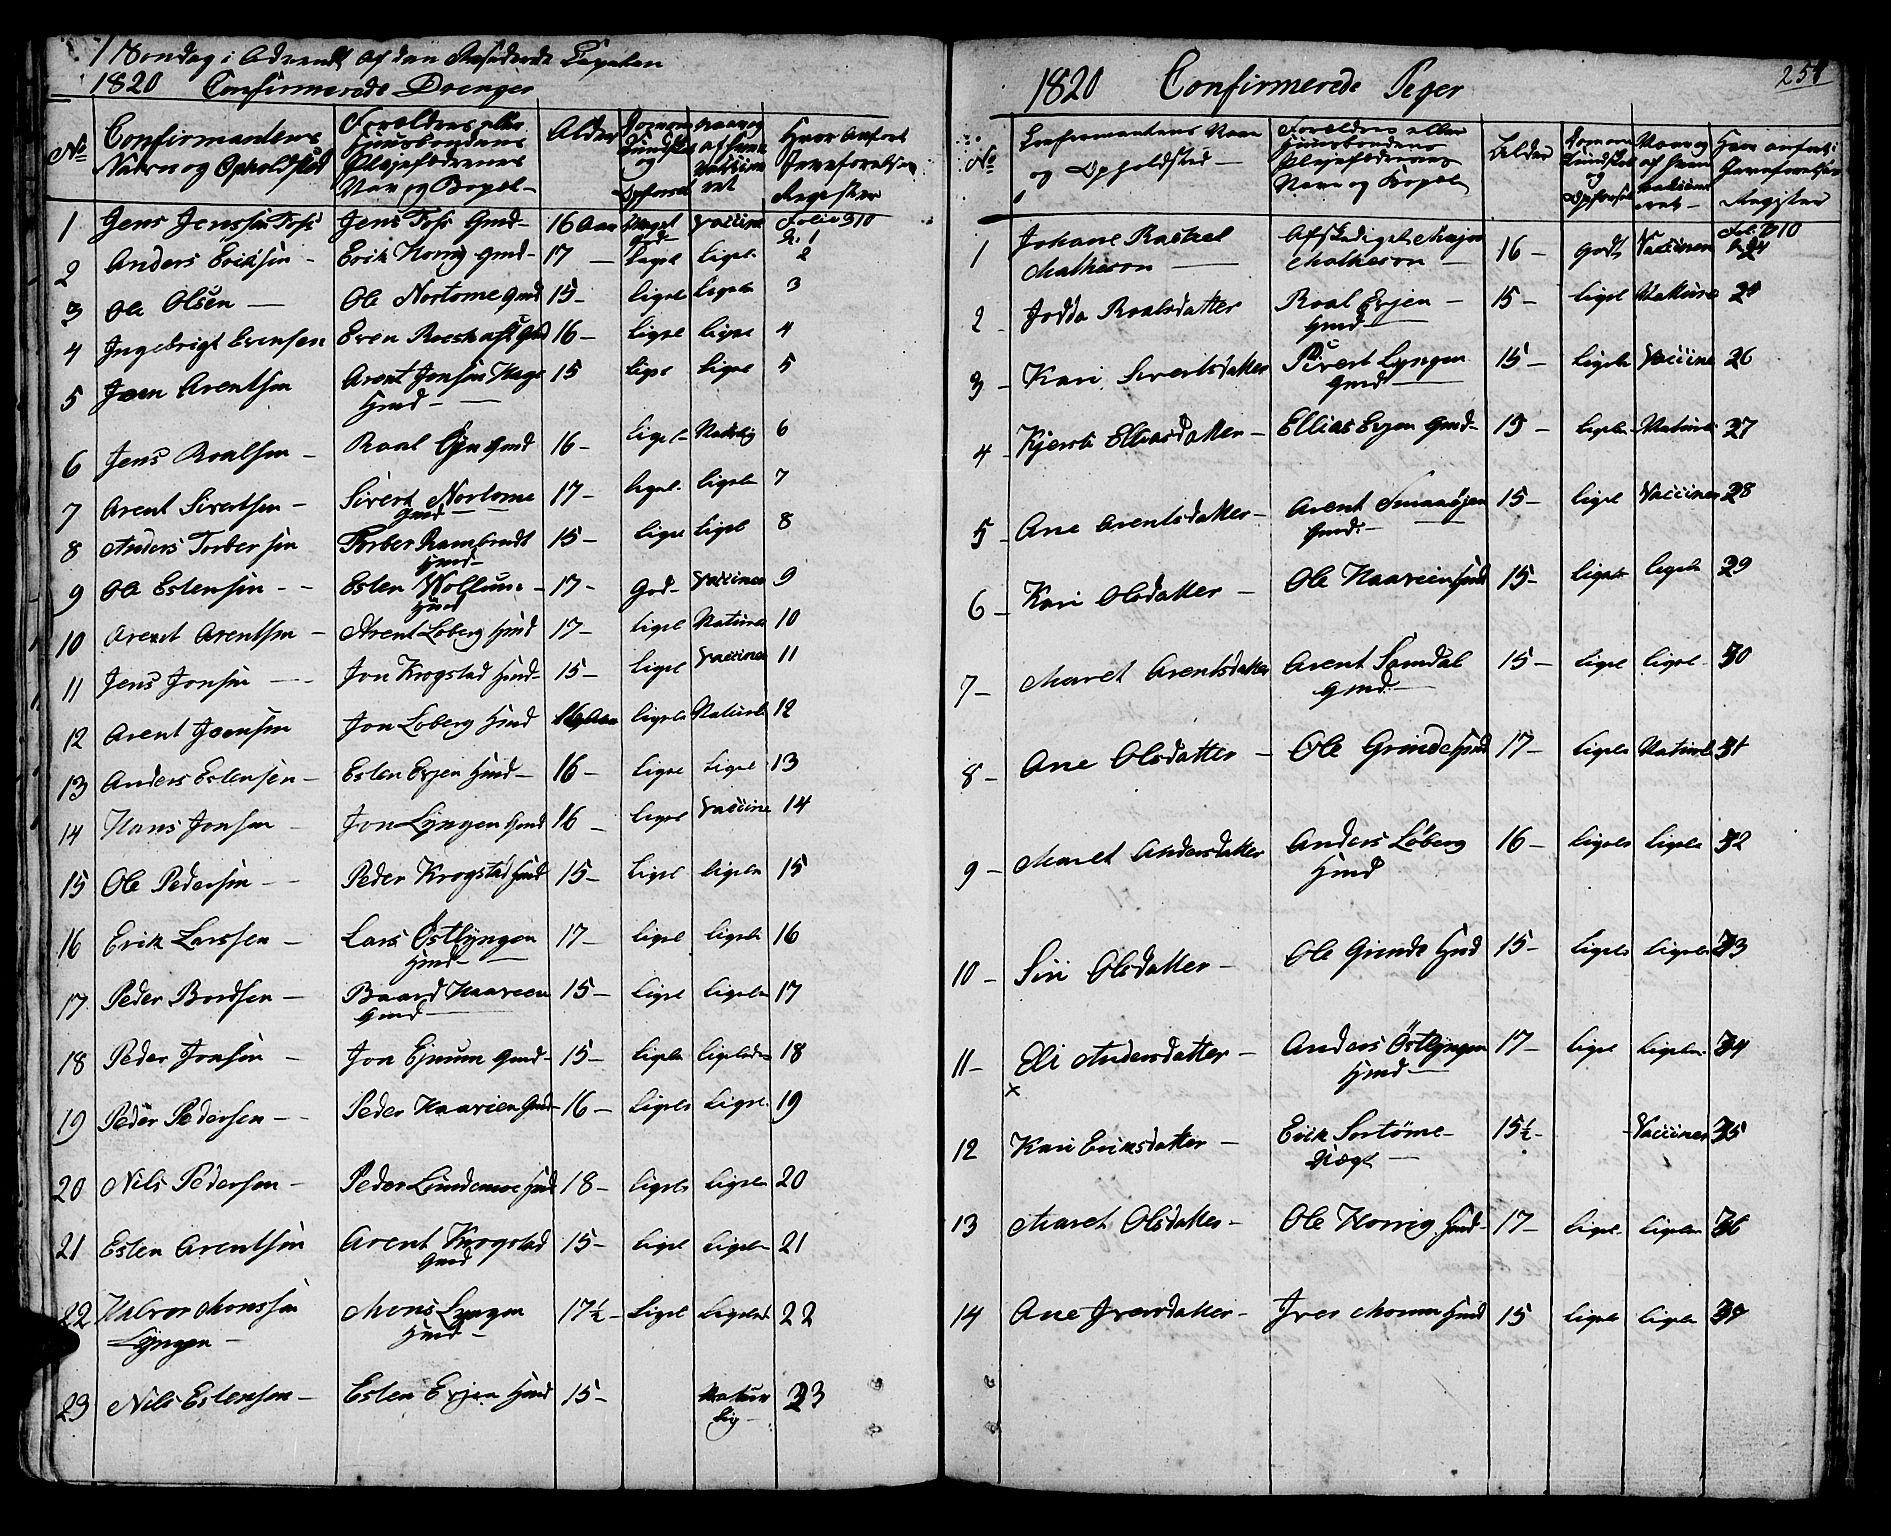 SAT, Ministerialprotokoller, klokkerbøker og fødselsregistre - Sør-Trøndelag, 692/L1108: Klokkerbok nr. 692C03, 1816-1833, s. 254